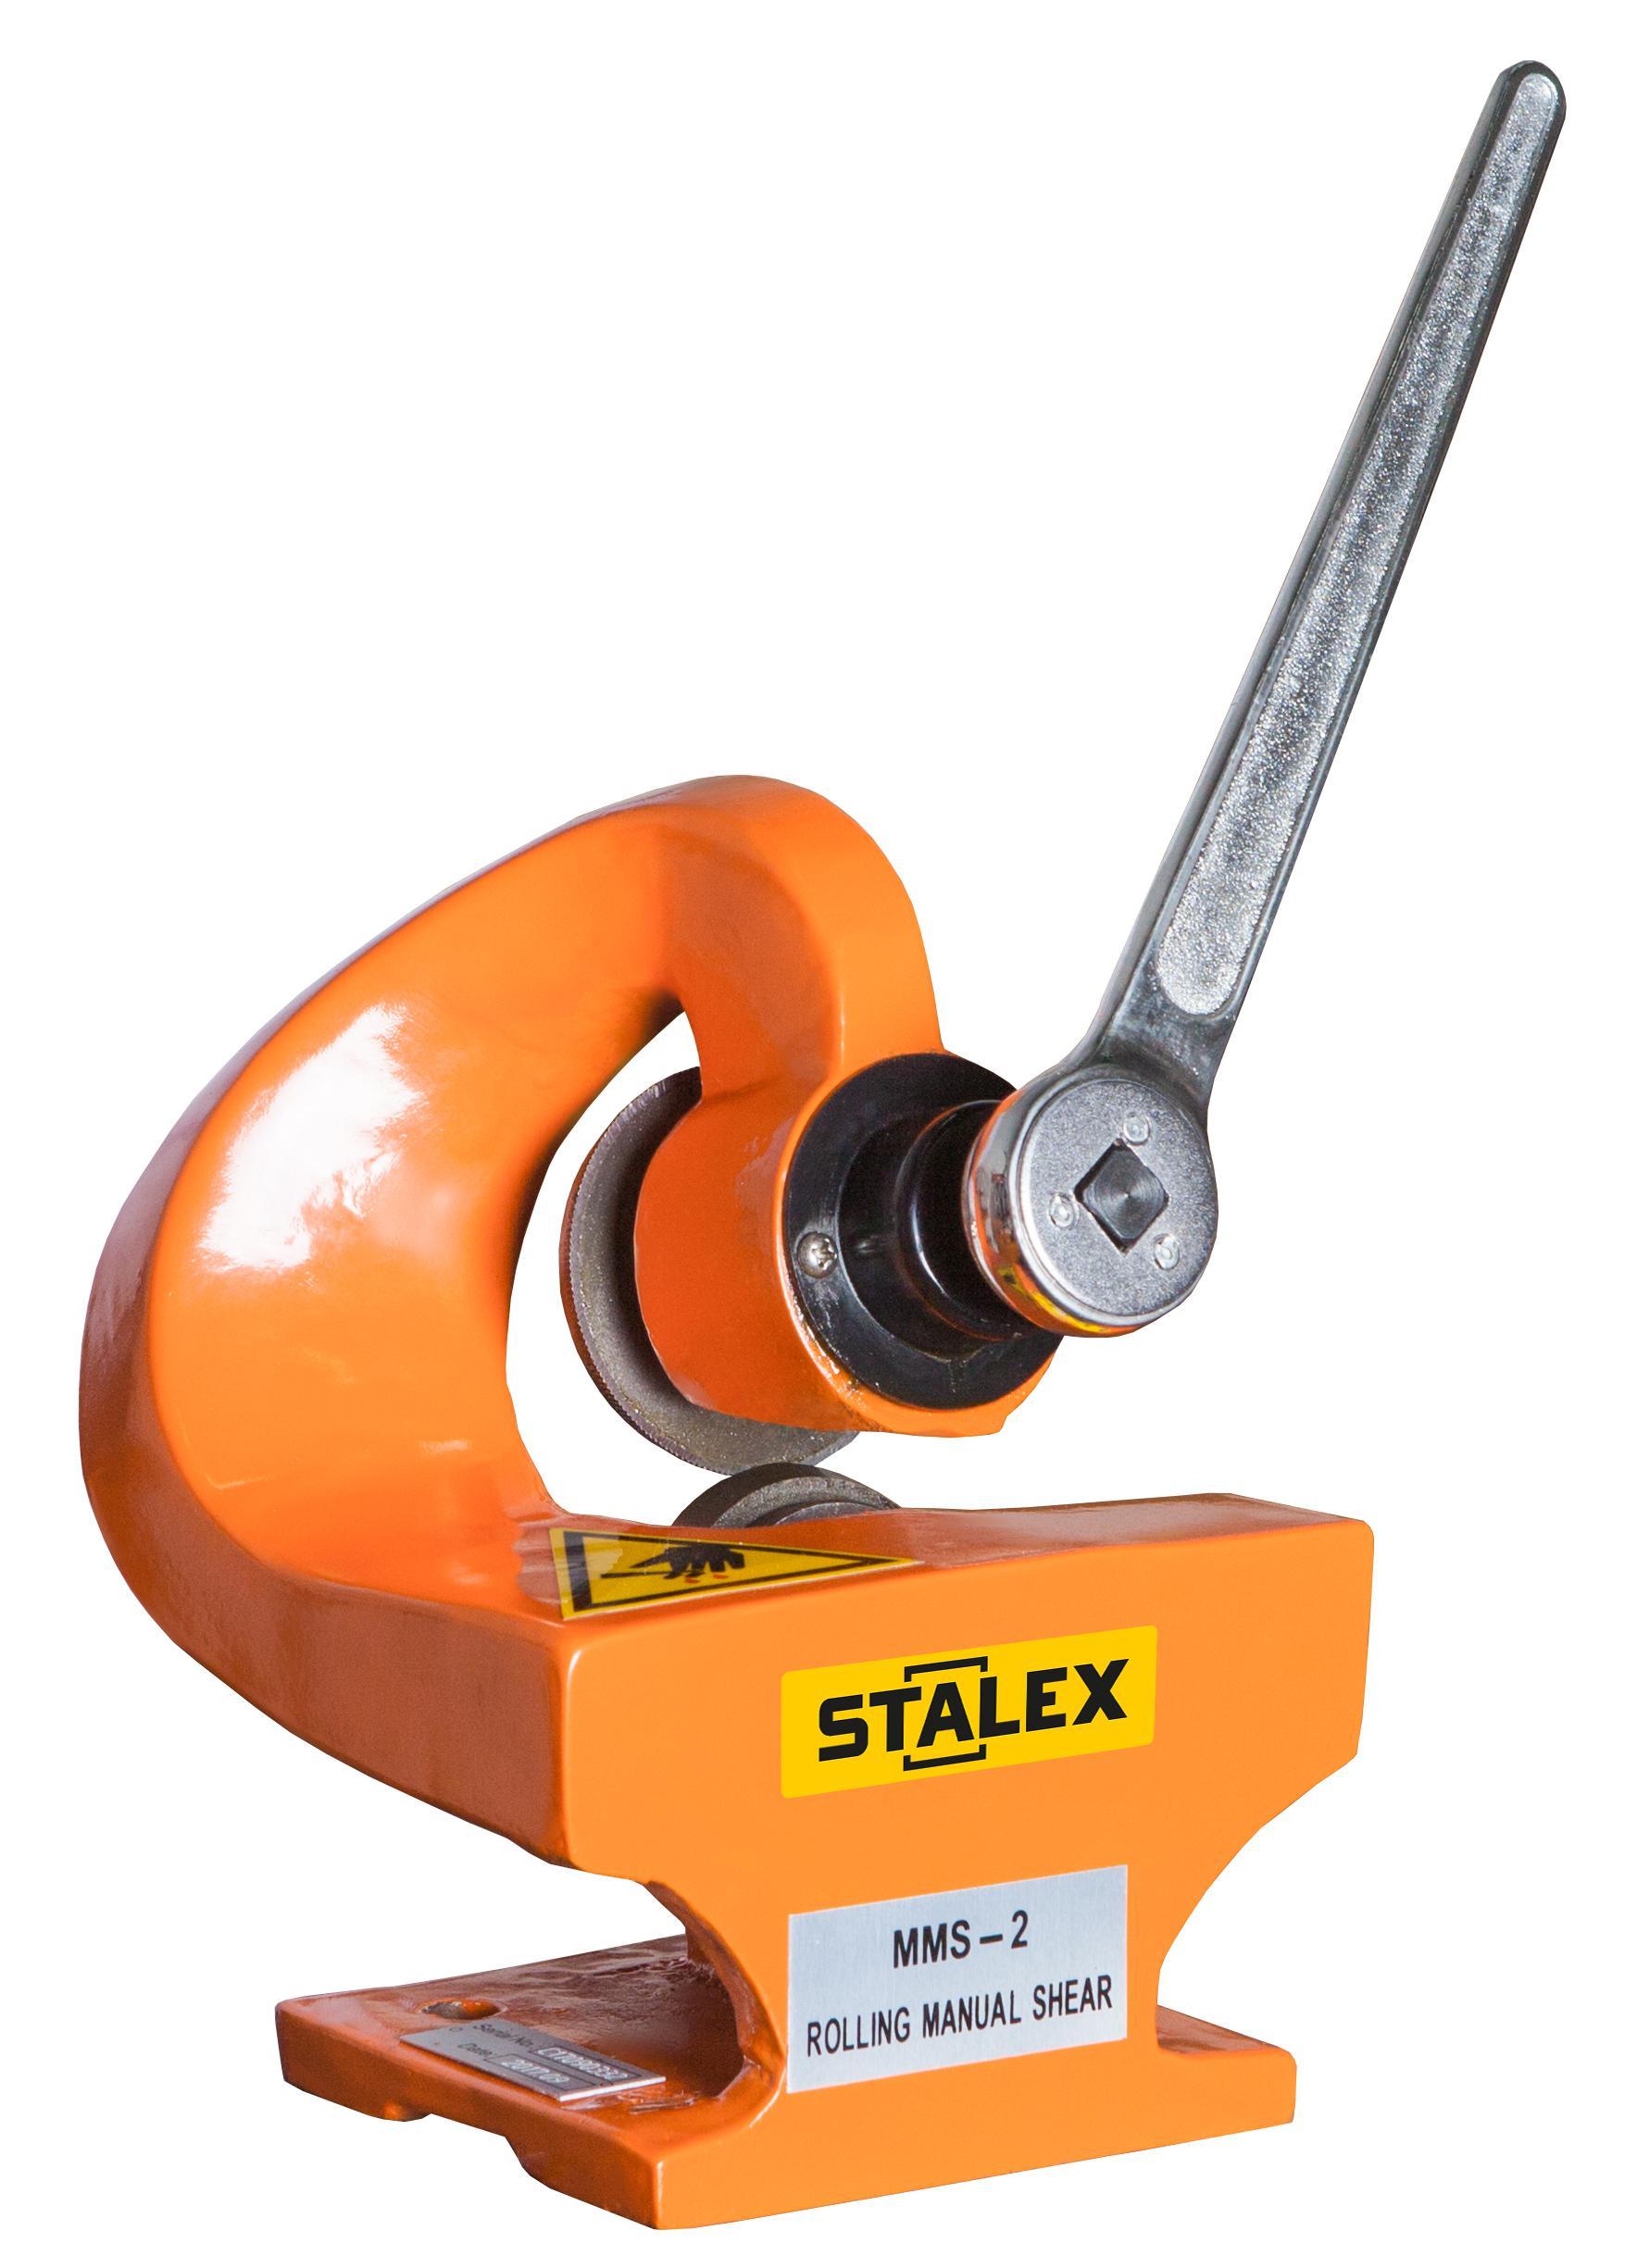 Дисковый ручной нож Stalex Mms-2 недорого